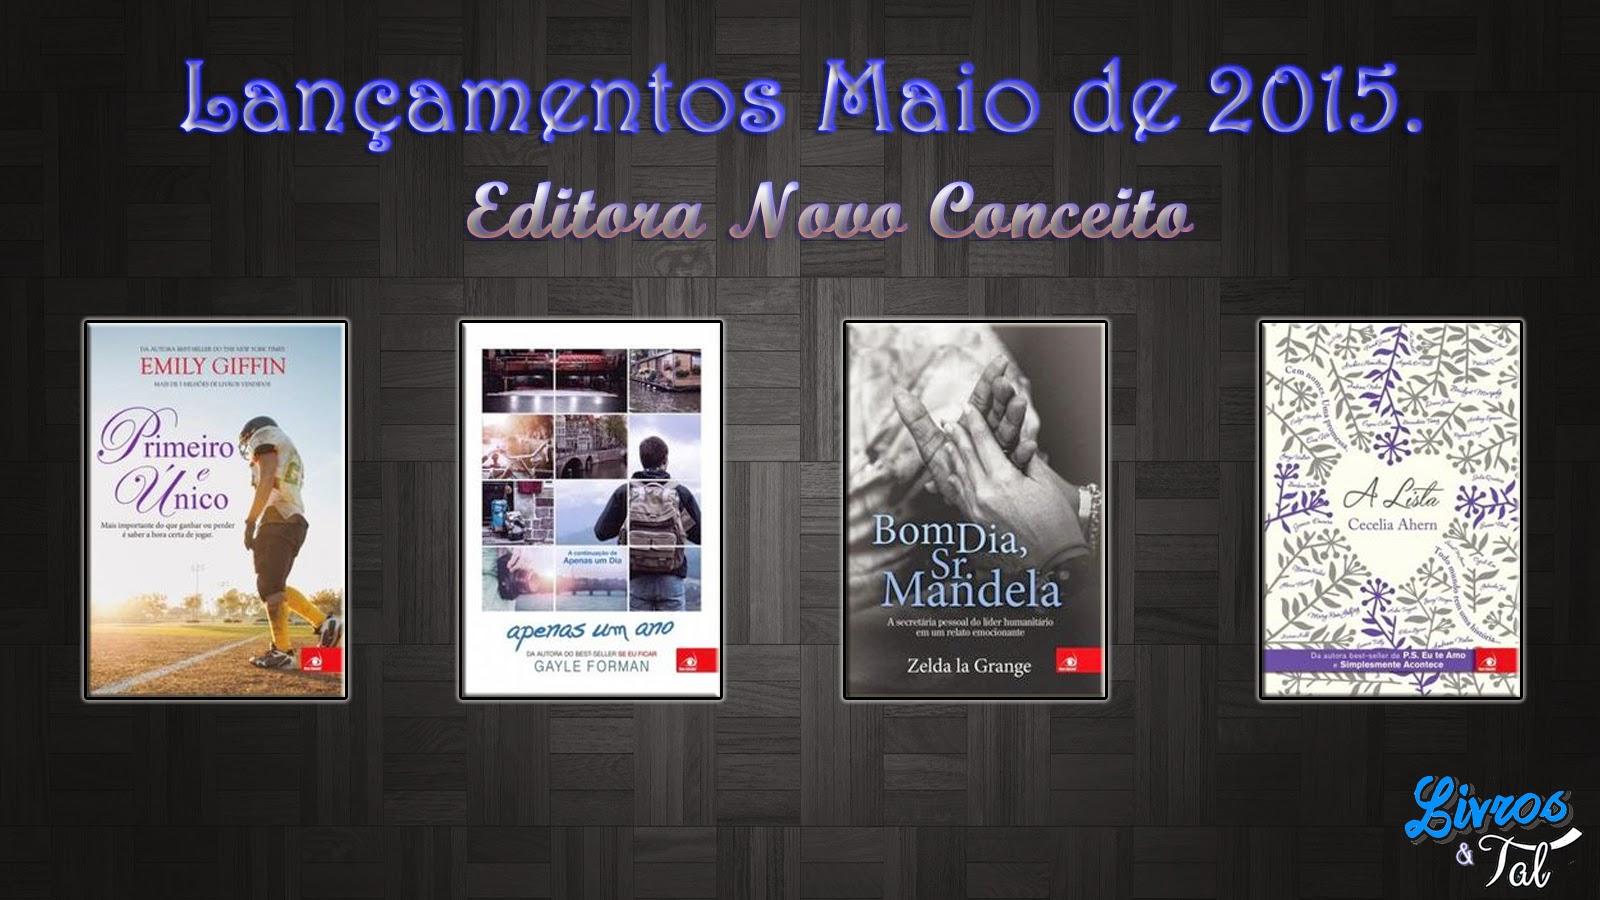 http://livrosetalgroup.blogspot.com.br/p/lancamentos-maio-de-2015-editora-novo.html